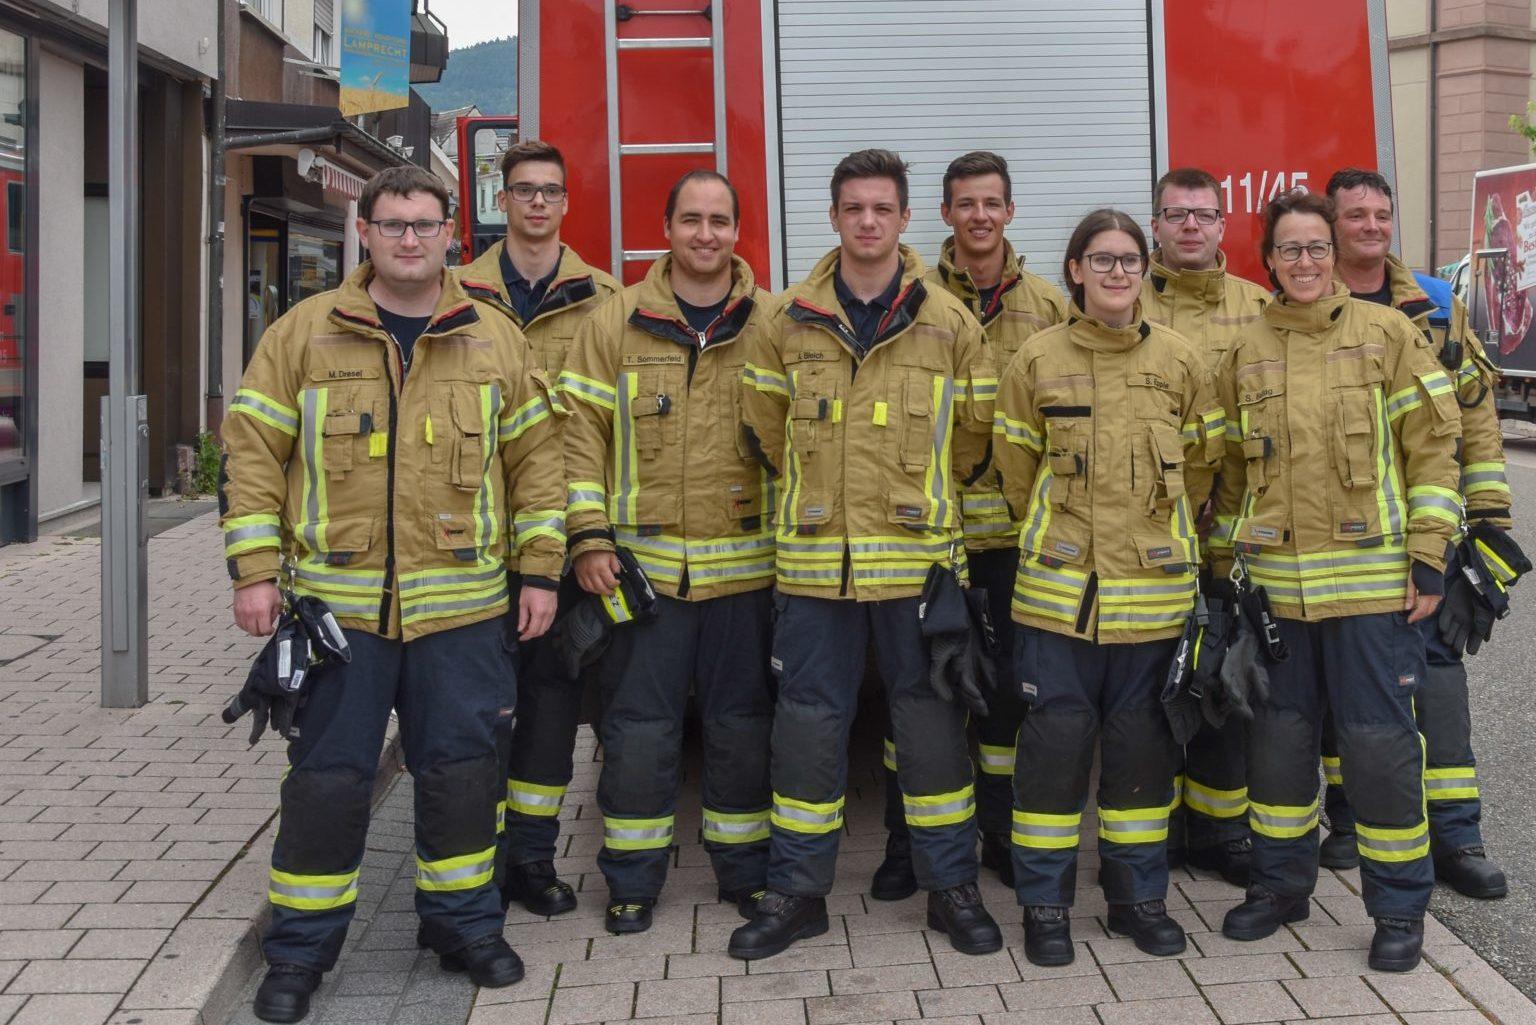 Die Gruppe aus Baden-Baden mit unserem Kamerad Christian Feld (5. von links)